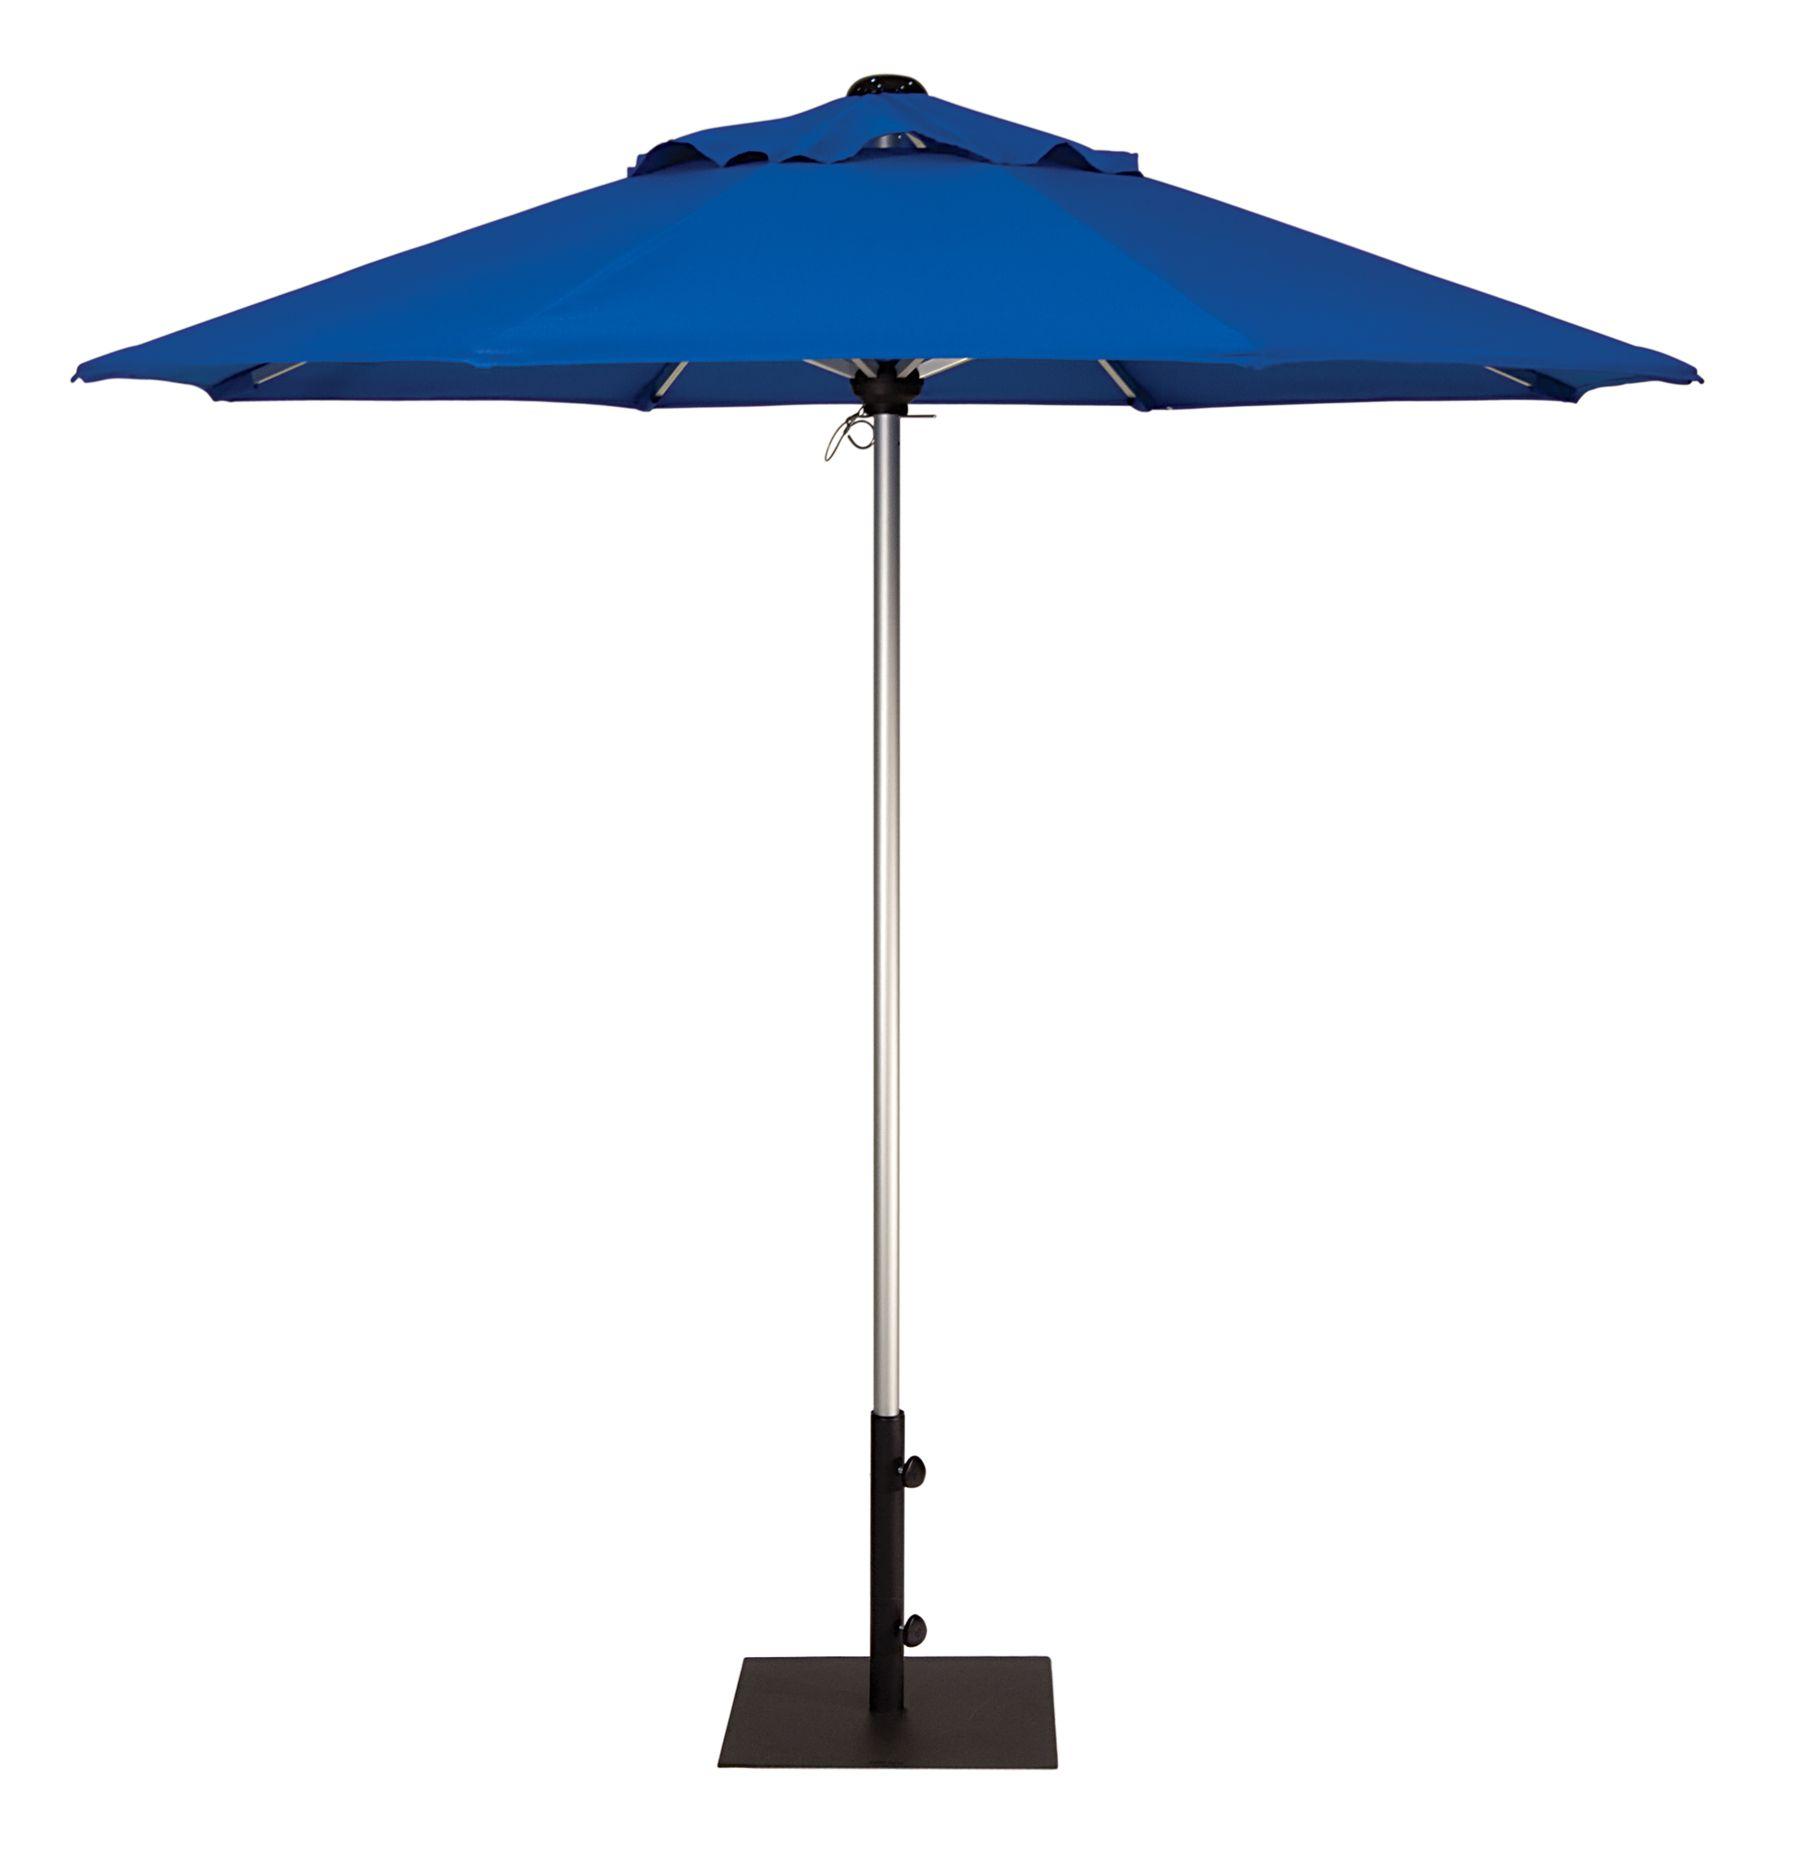 Uc407 Commercial Umbrella By Treasure Garden With Images Commercial Umbrellas Patio Umbrella